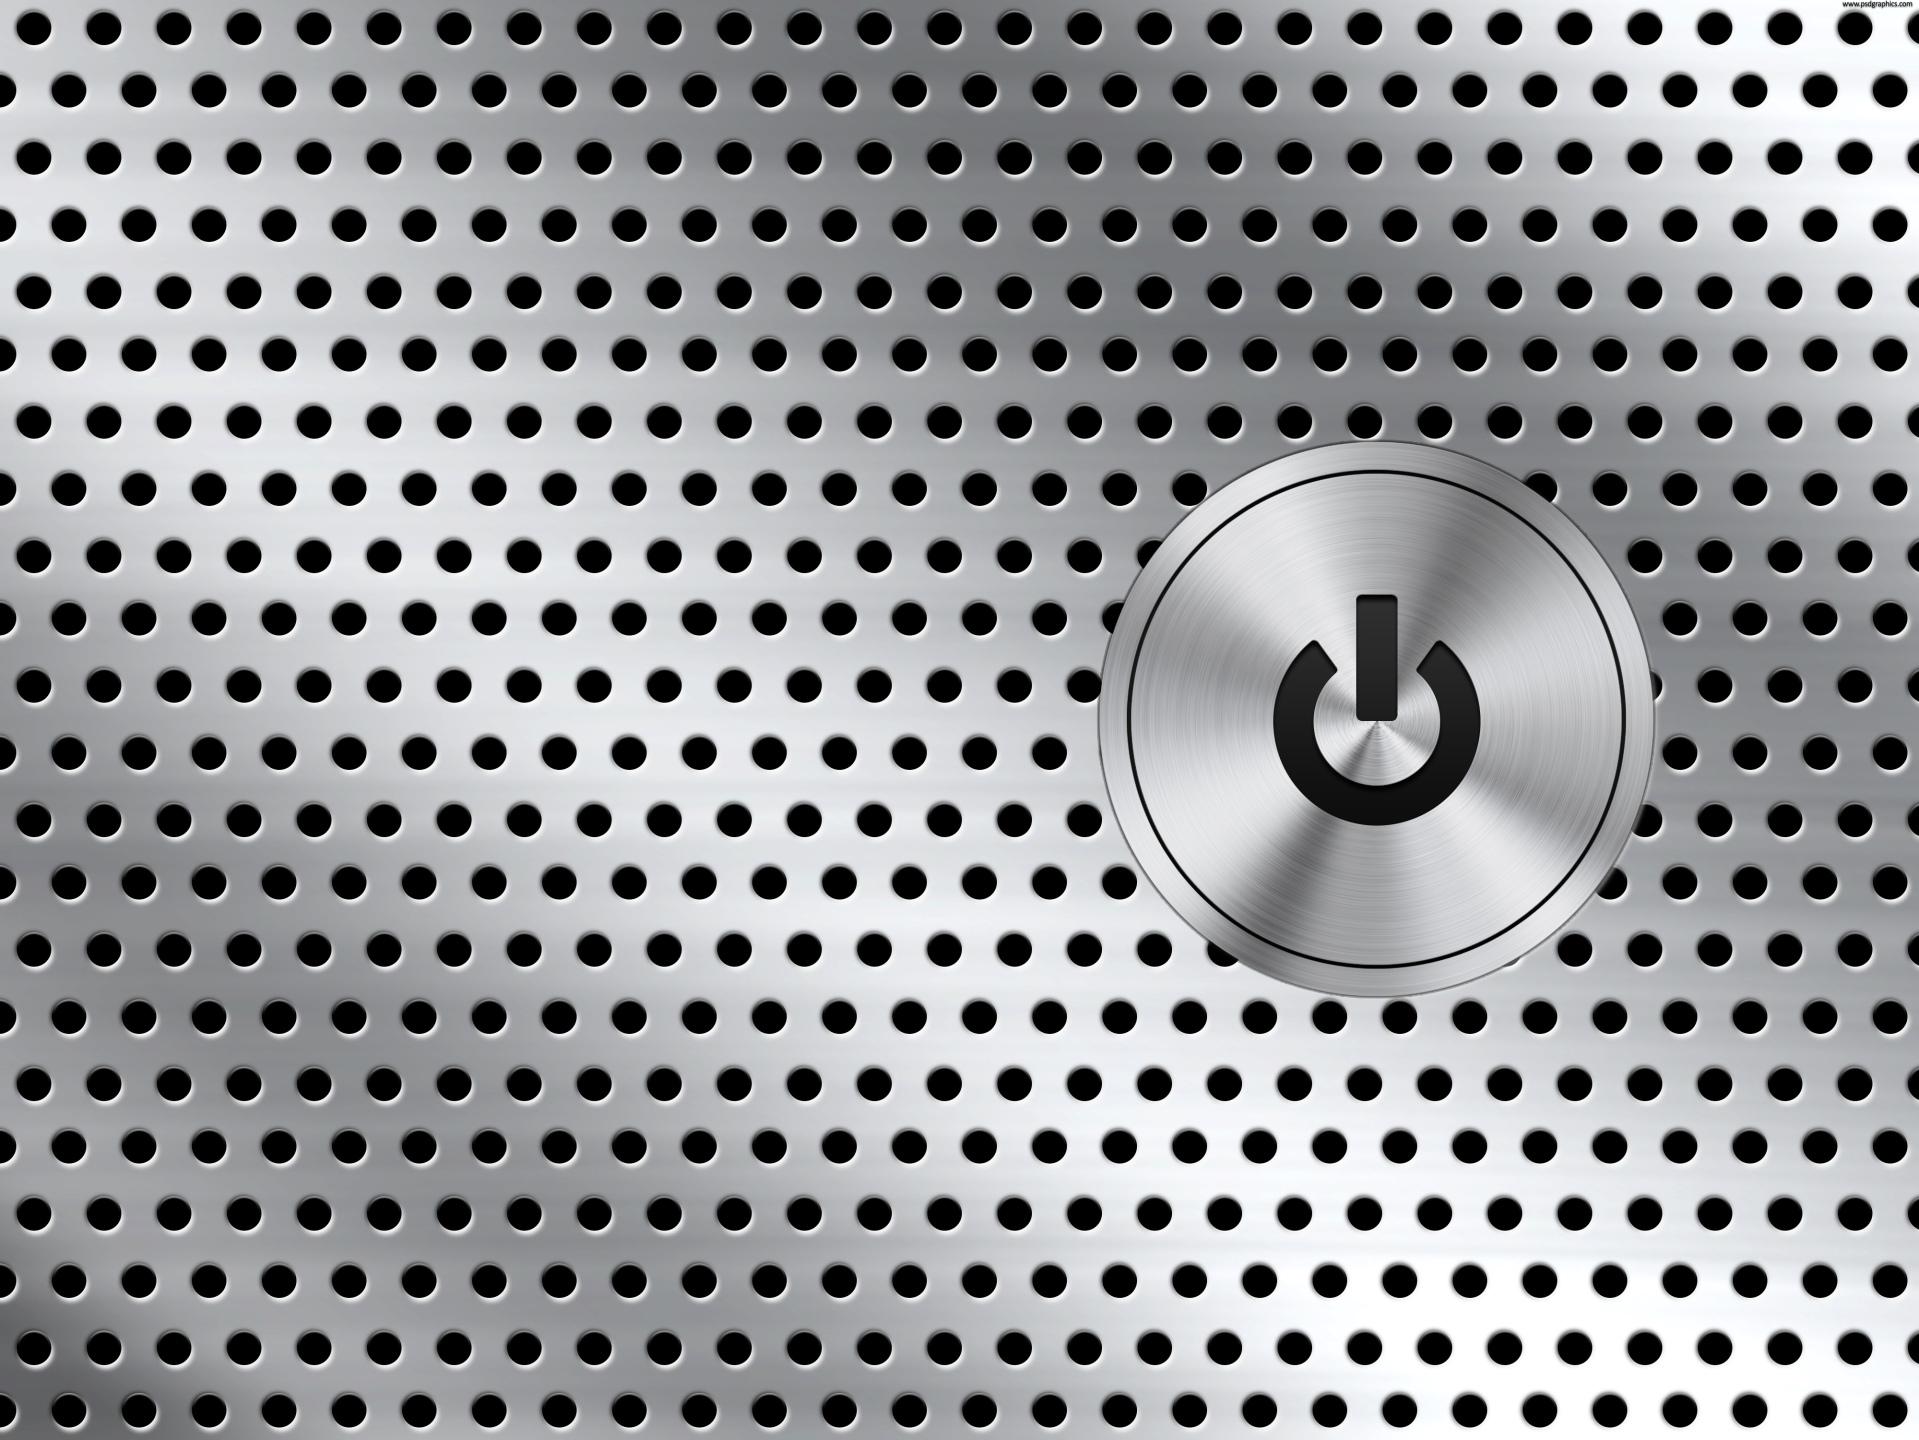 Botão Power Pedro Topete Apple Blog Portugal 1